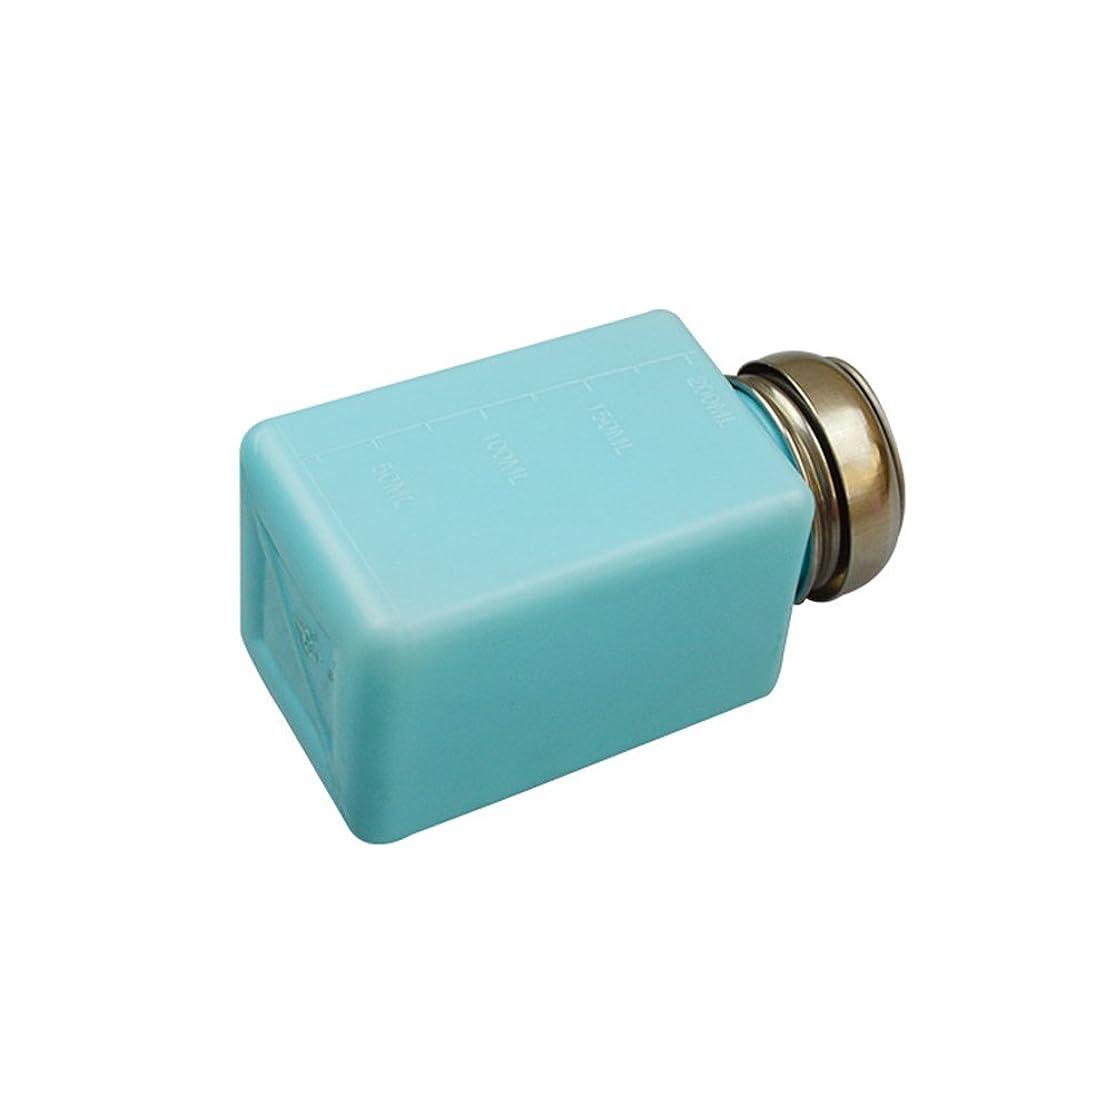 原点ボウリングハイキングBESTOMZ アルコールボトル 便利 クレンジングオイル 小分け容器 静電防止 200ML(青)